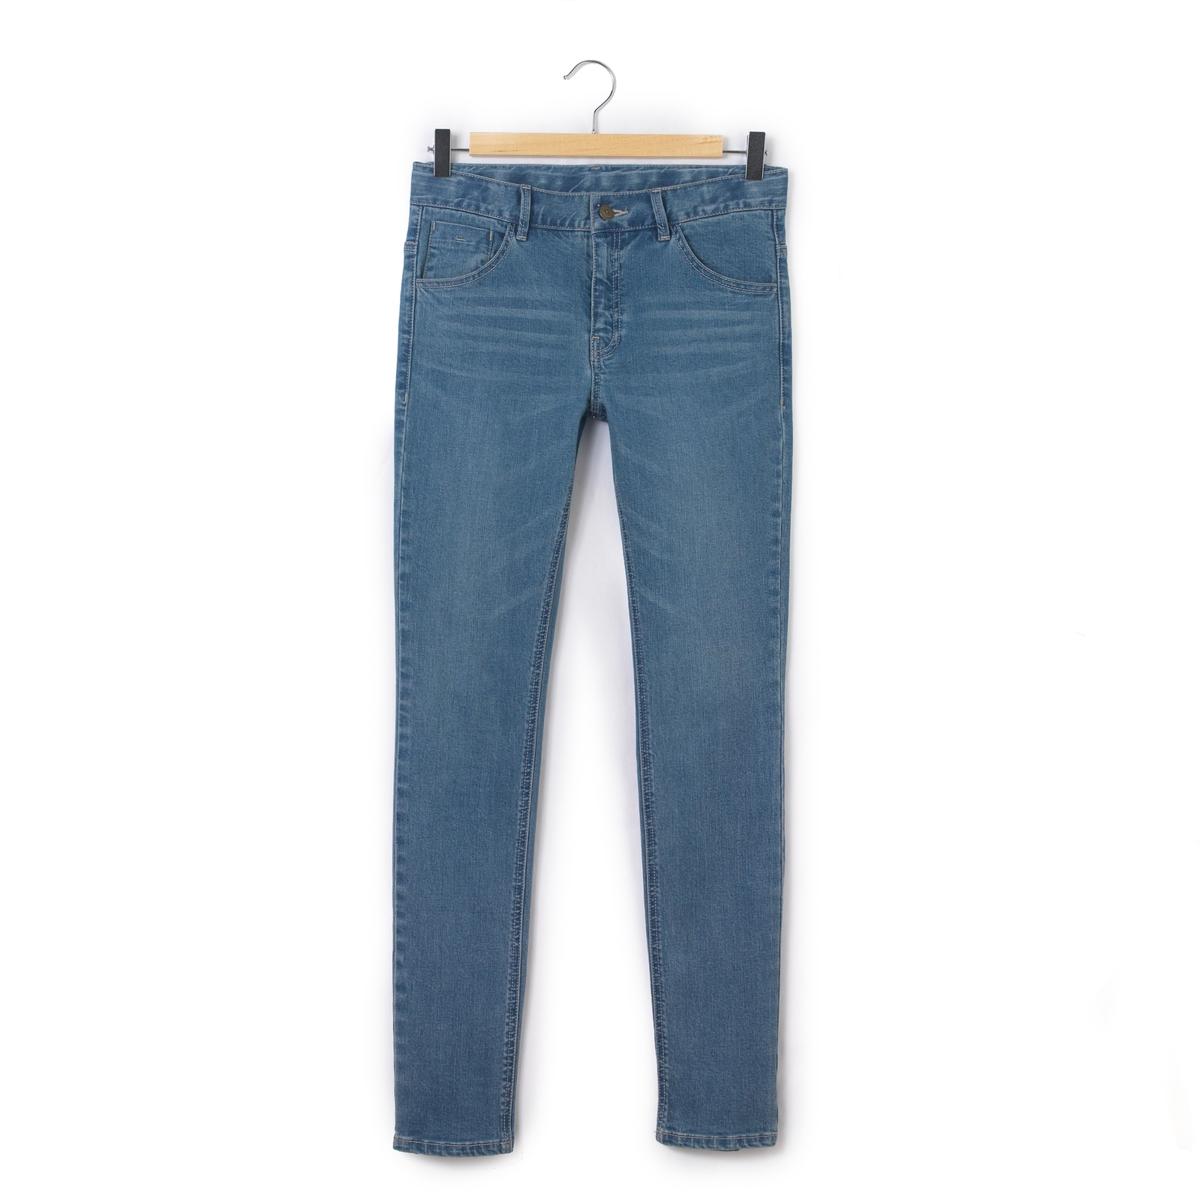 Джинсы узкие, 10-16 летУзкие джинсы. Пояс со шлевками. Застежка на молнию и пуговицу. 2 кармана спереди и 1 часовой карман. 2 кармана сзади. Состав и описание : Материал      деним,  99% хлопка, 1% эластанаМарка      R pop  Уход :Машинная стирка при 40 °С с вещами схожих цветовСтирать и гладить с изнаночной стороныМашинная сушка в умеренном режимеГладить при низкой температуре<br><br>Цвет: голубой потертый,черный<br>Размер: 10 лет - 138 см.16 лет.14 лет.12 лет -150 см.10 лет - 138 см.16 лет.14 лет.12 лет -150 см